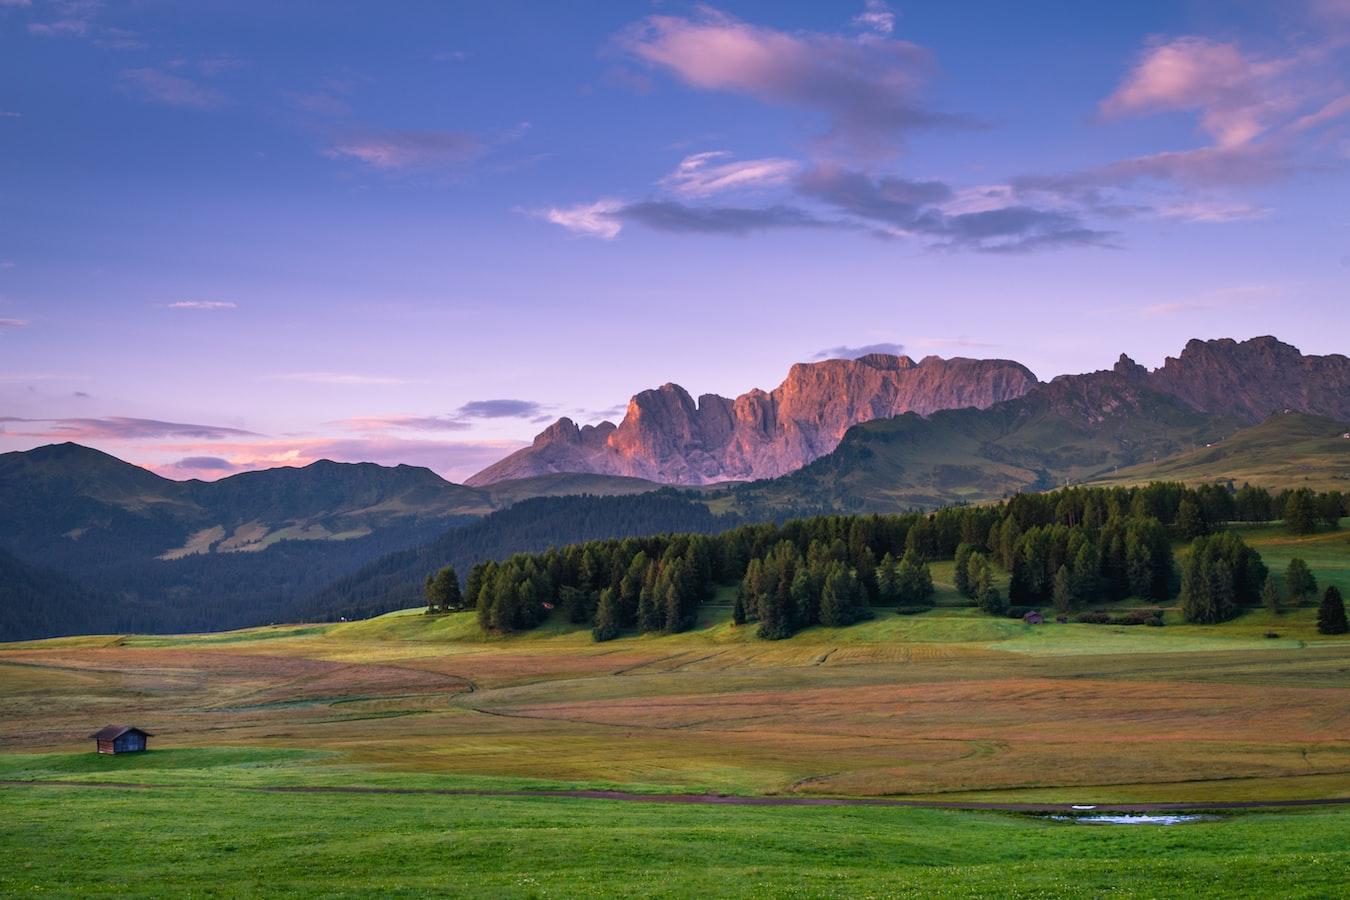 Jak fotografować krajobrazy? 10 wskazówek dla początkujących